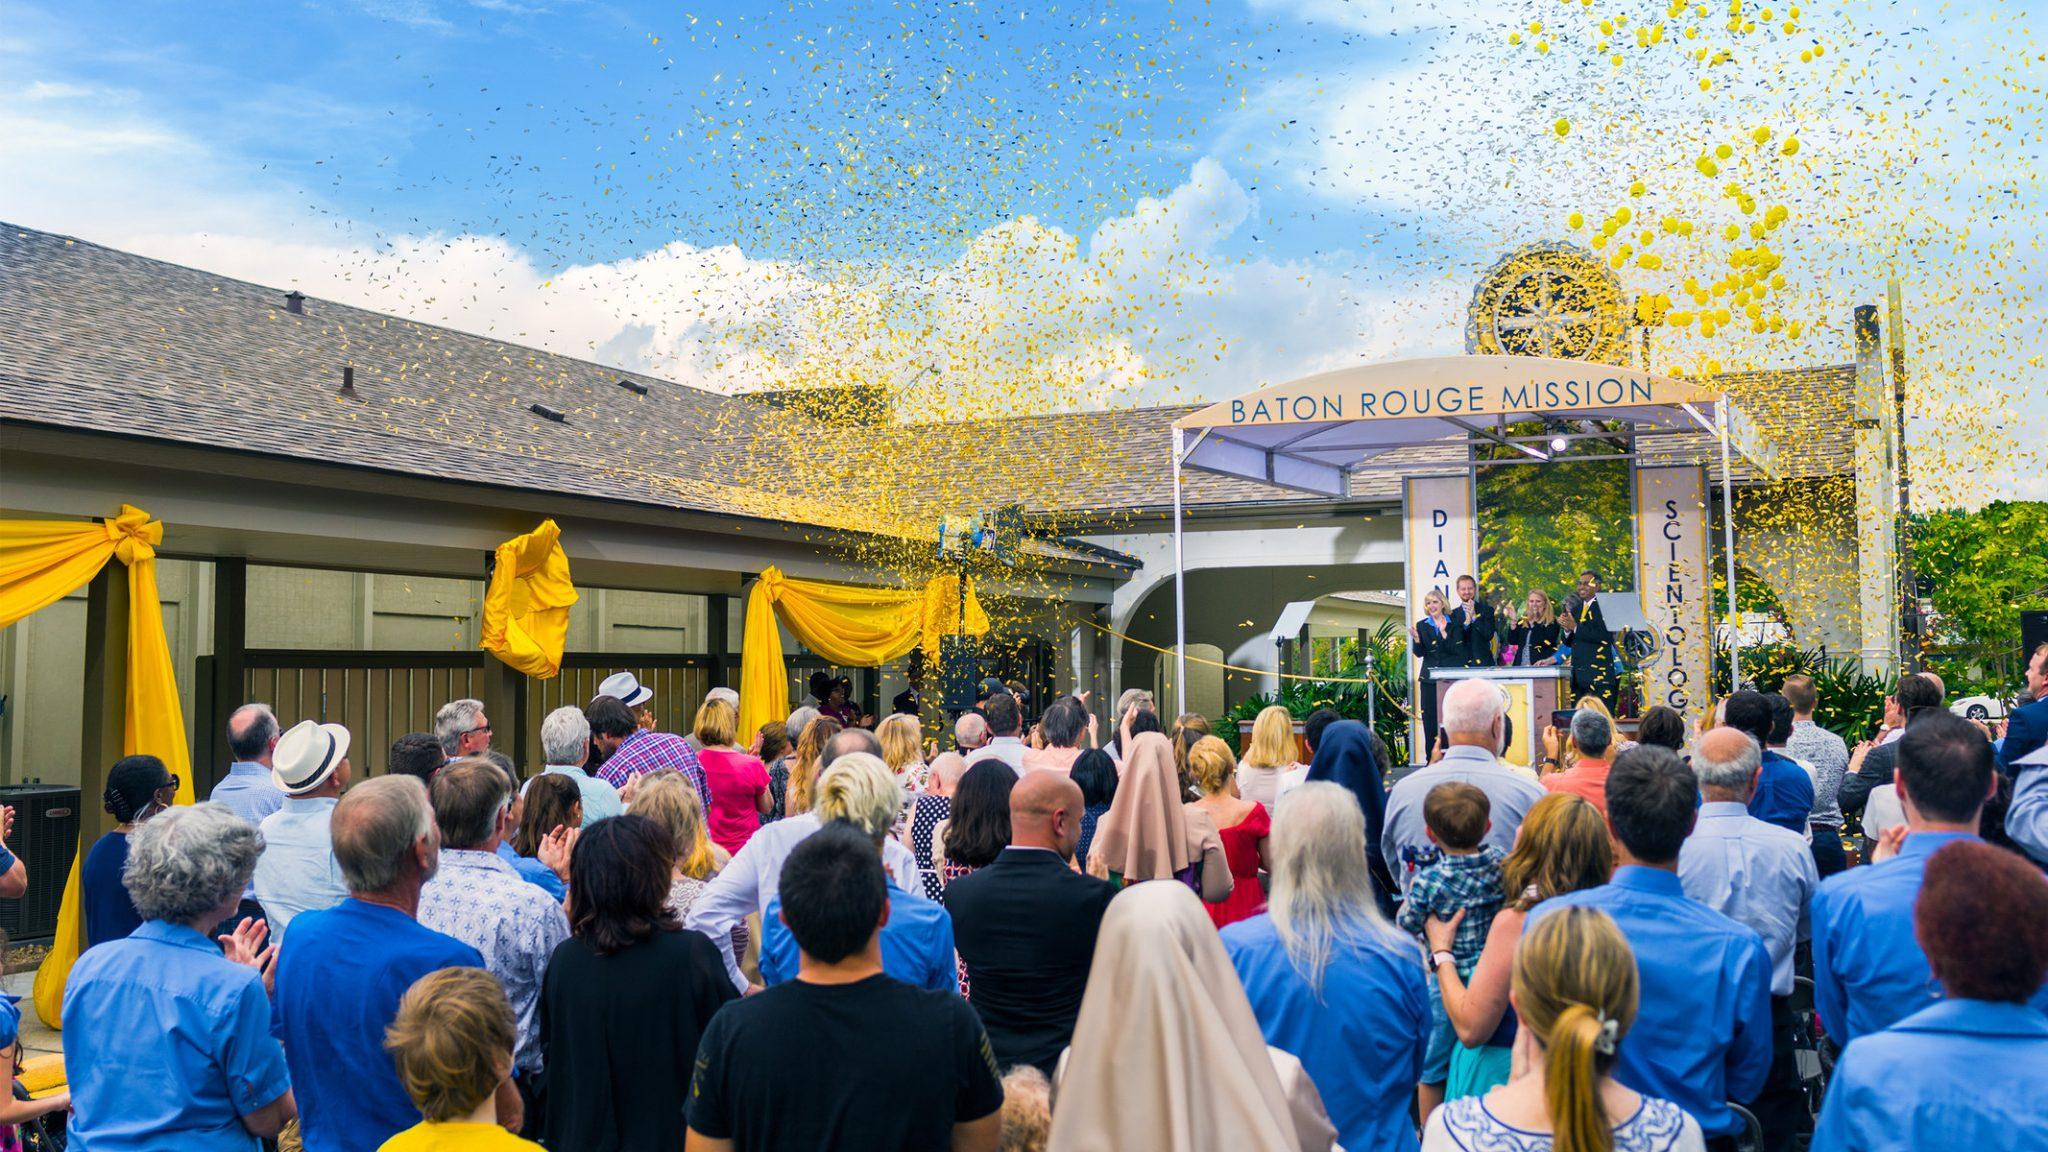 Louisiane : nouvelle Mission pour l'Eglise de Scientologie